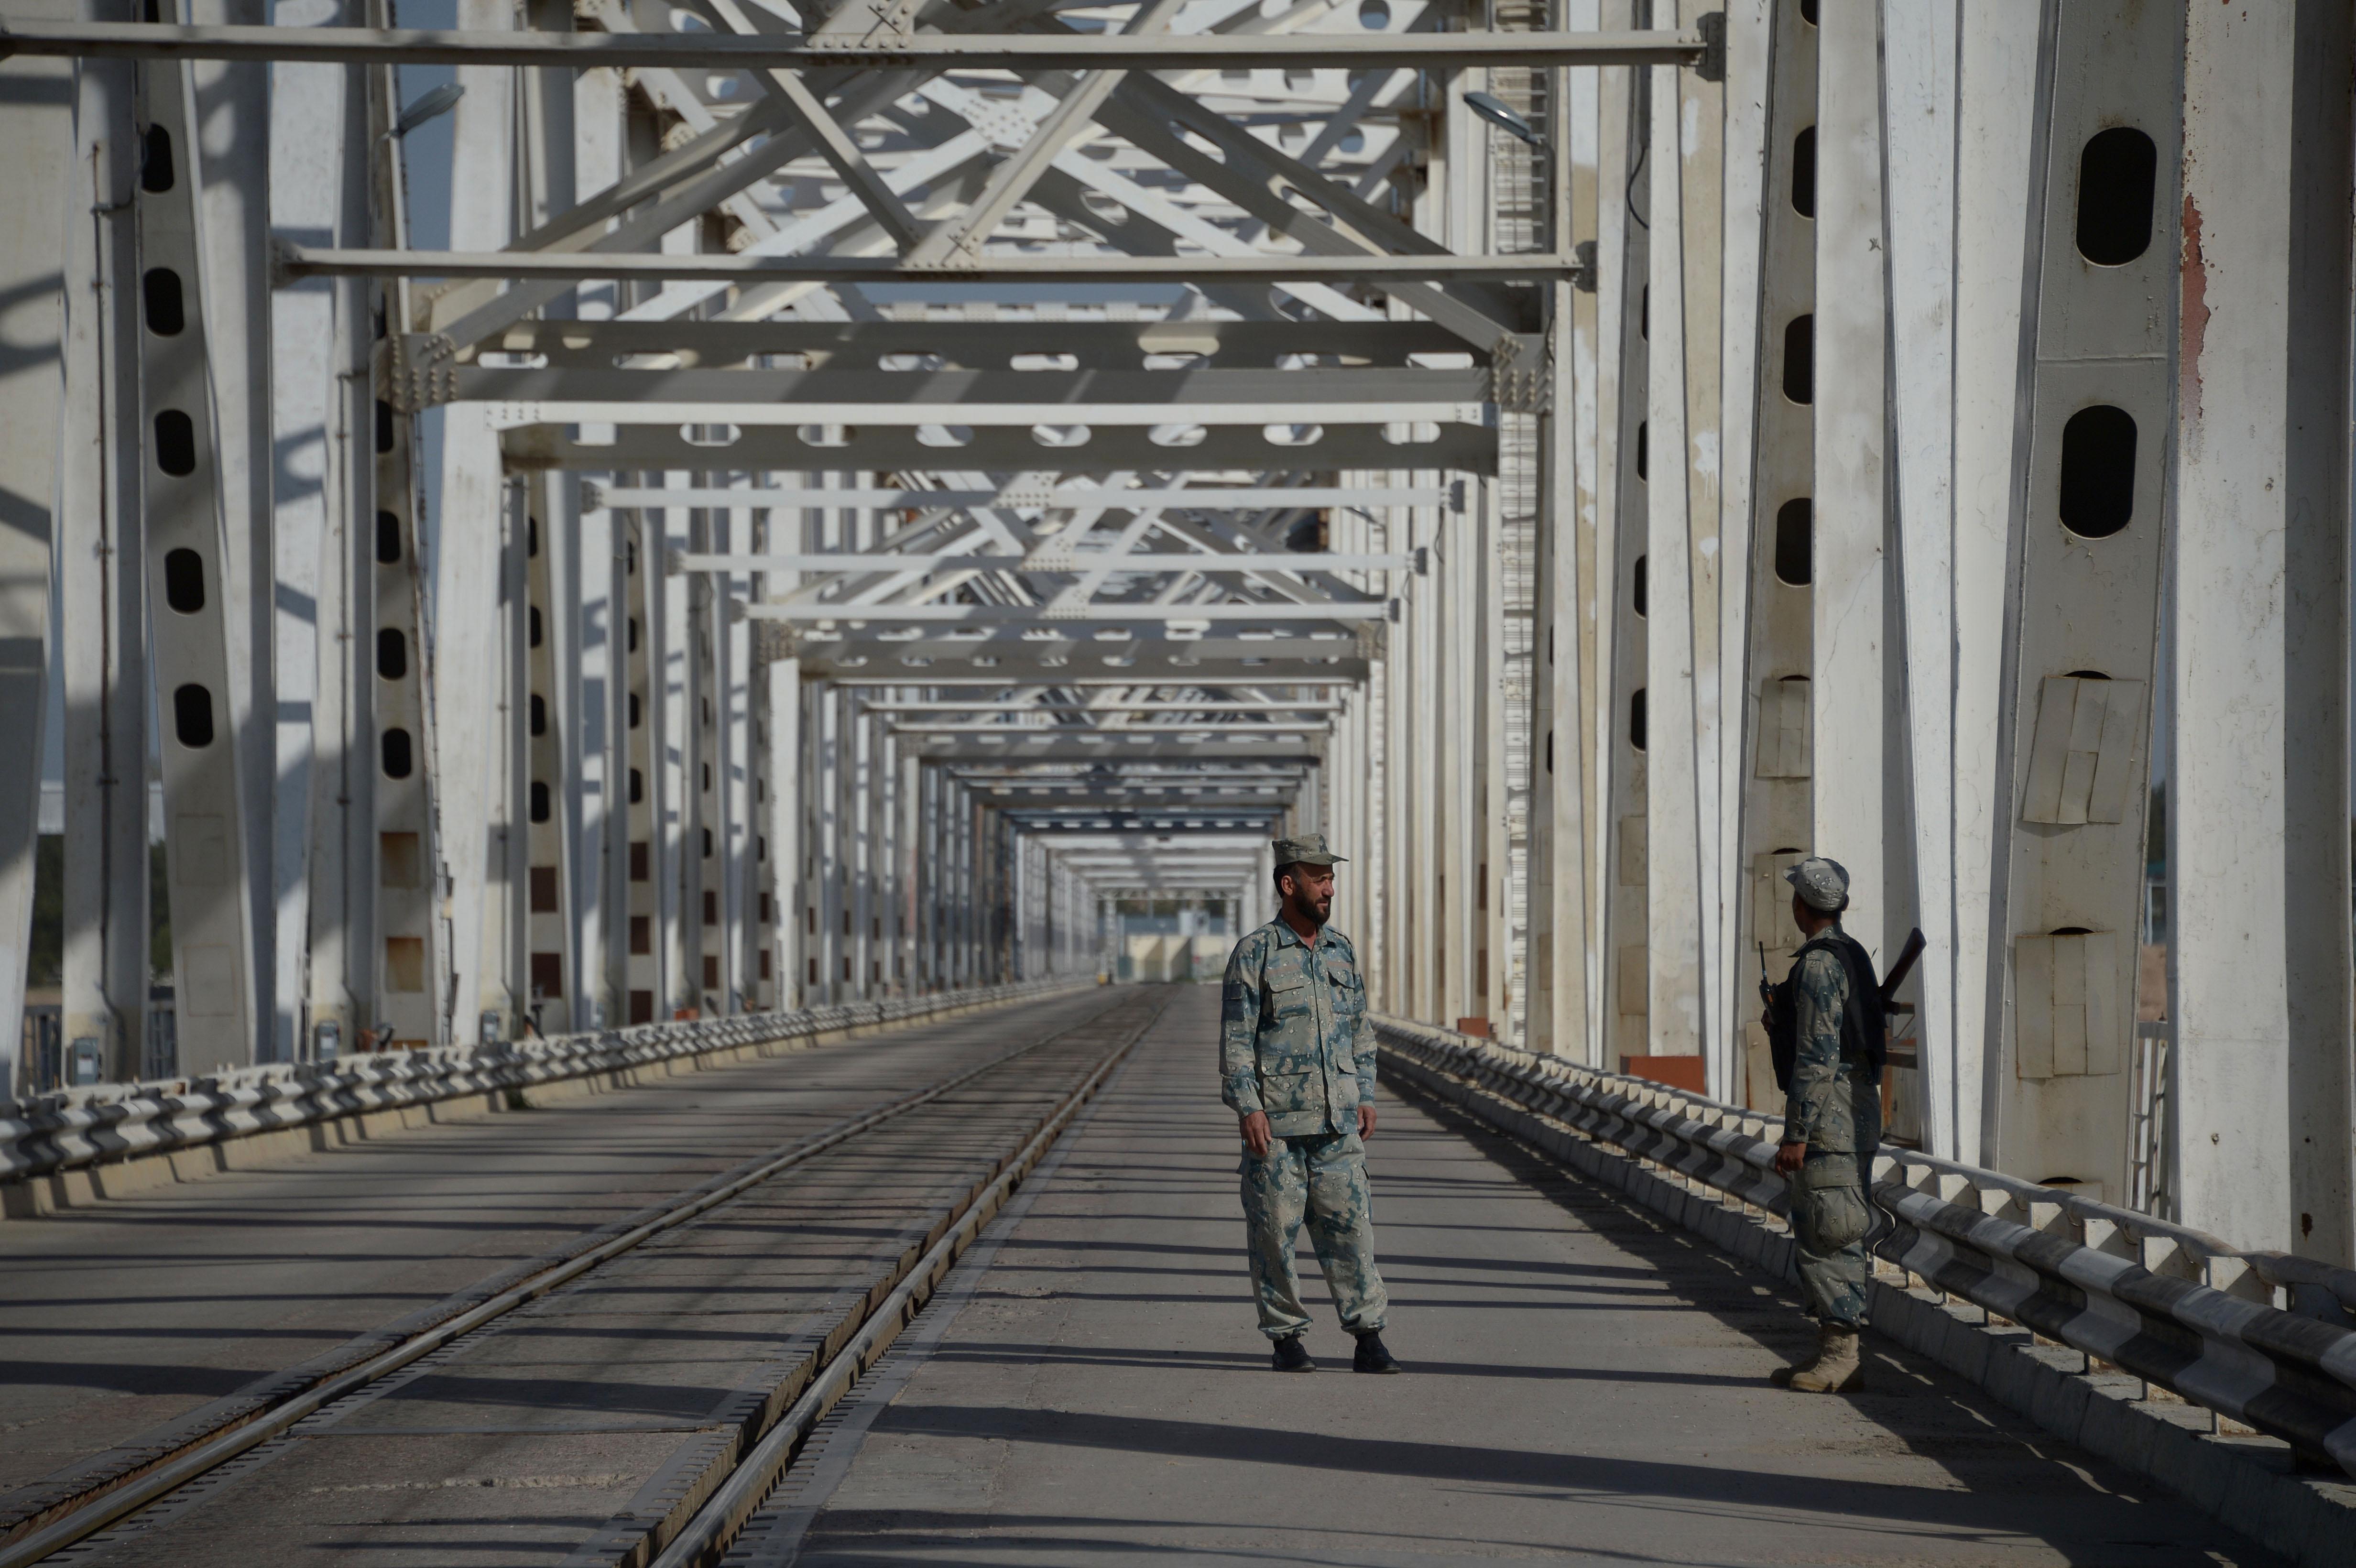 پروژه های مشترک ازبکستان و افغانستان برای ایجاد فرصت های شغلی و مبارزه با شبه نظامی گری